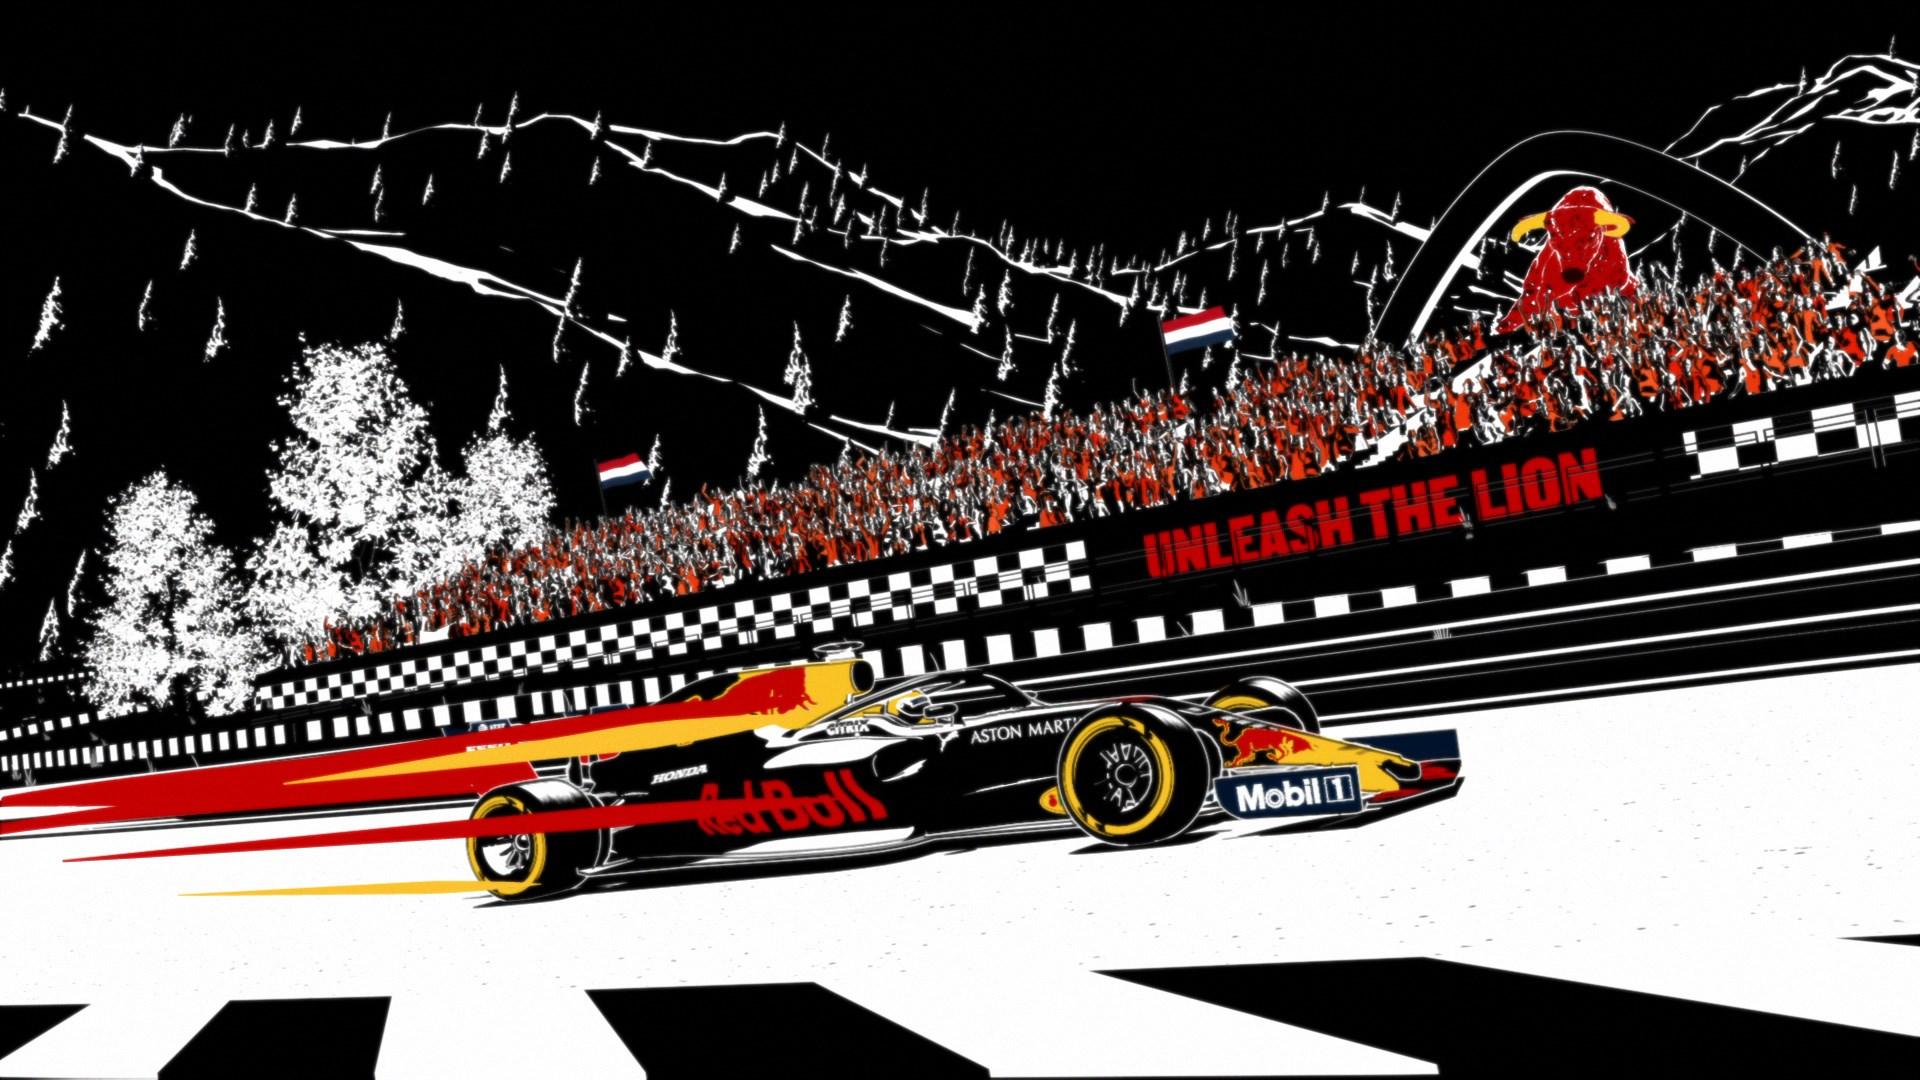 鈴鹿でのホームグランプリ直前 ホンダf1の歴史を60秒で振り返る